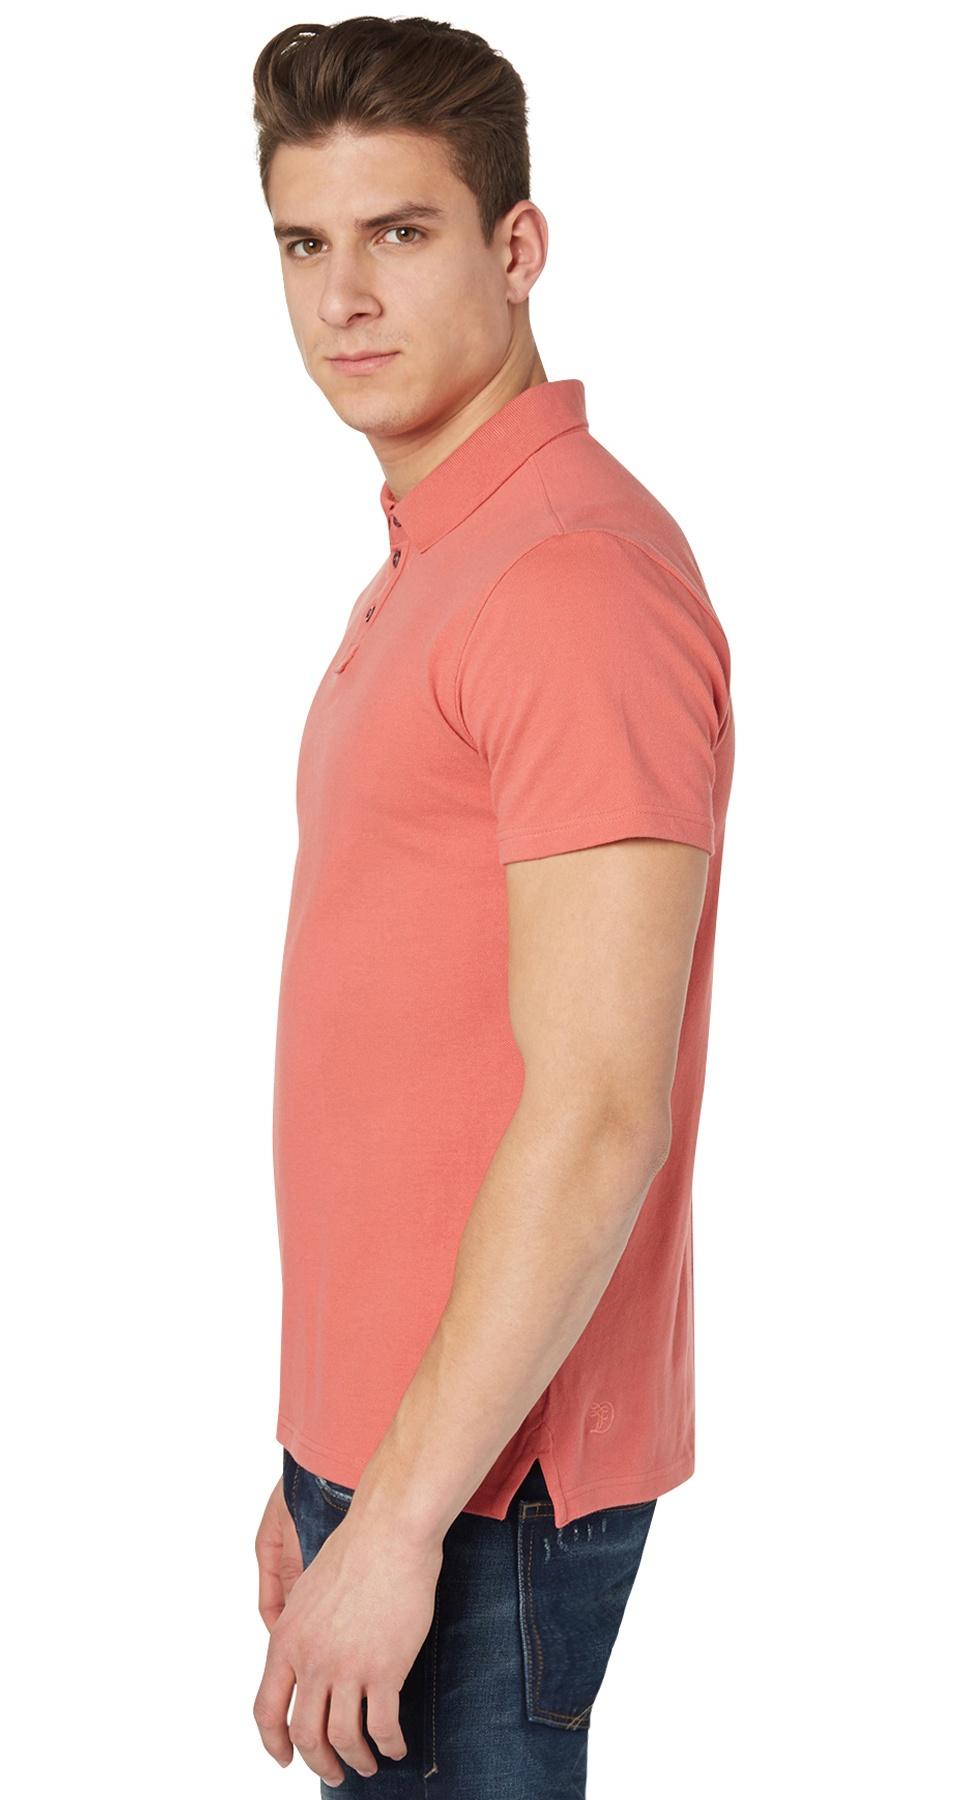 Джинсы и футболка с доставкой